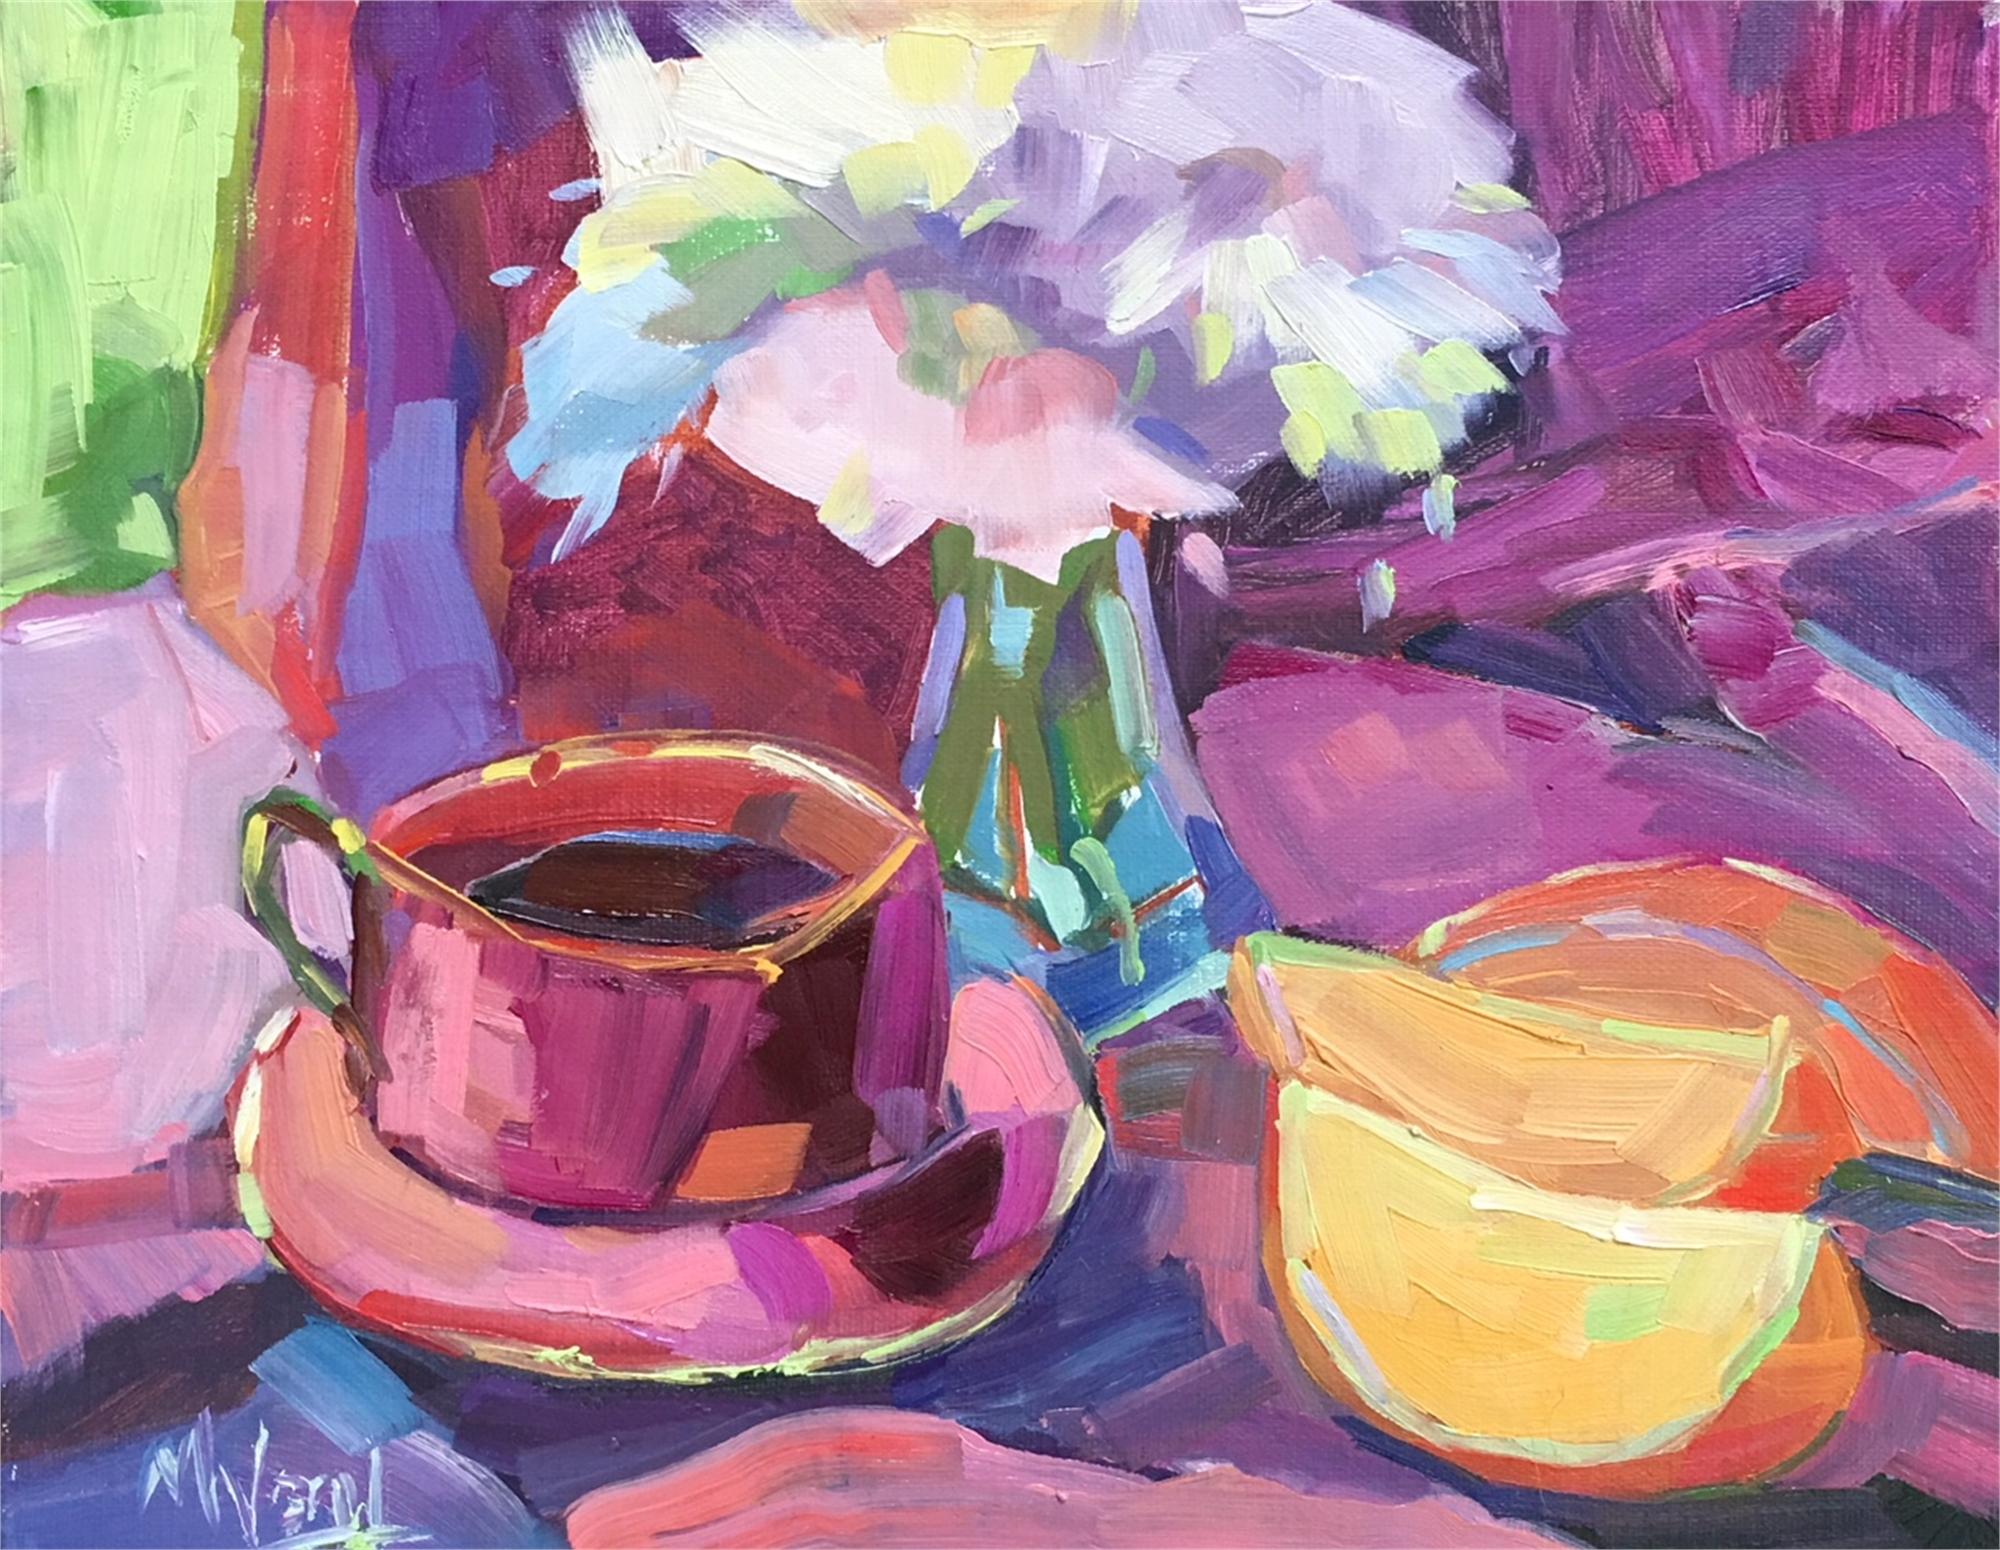 Gratitude by Marissa Vogl